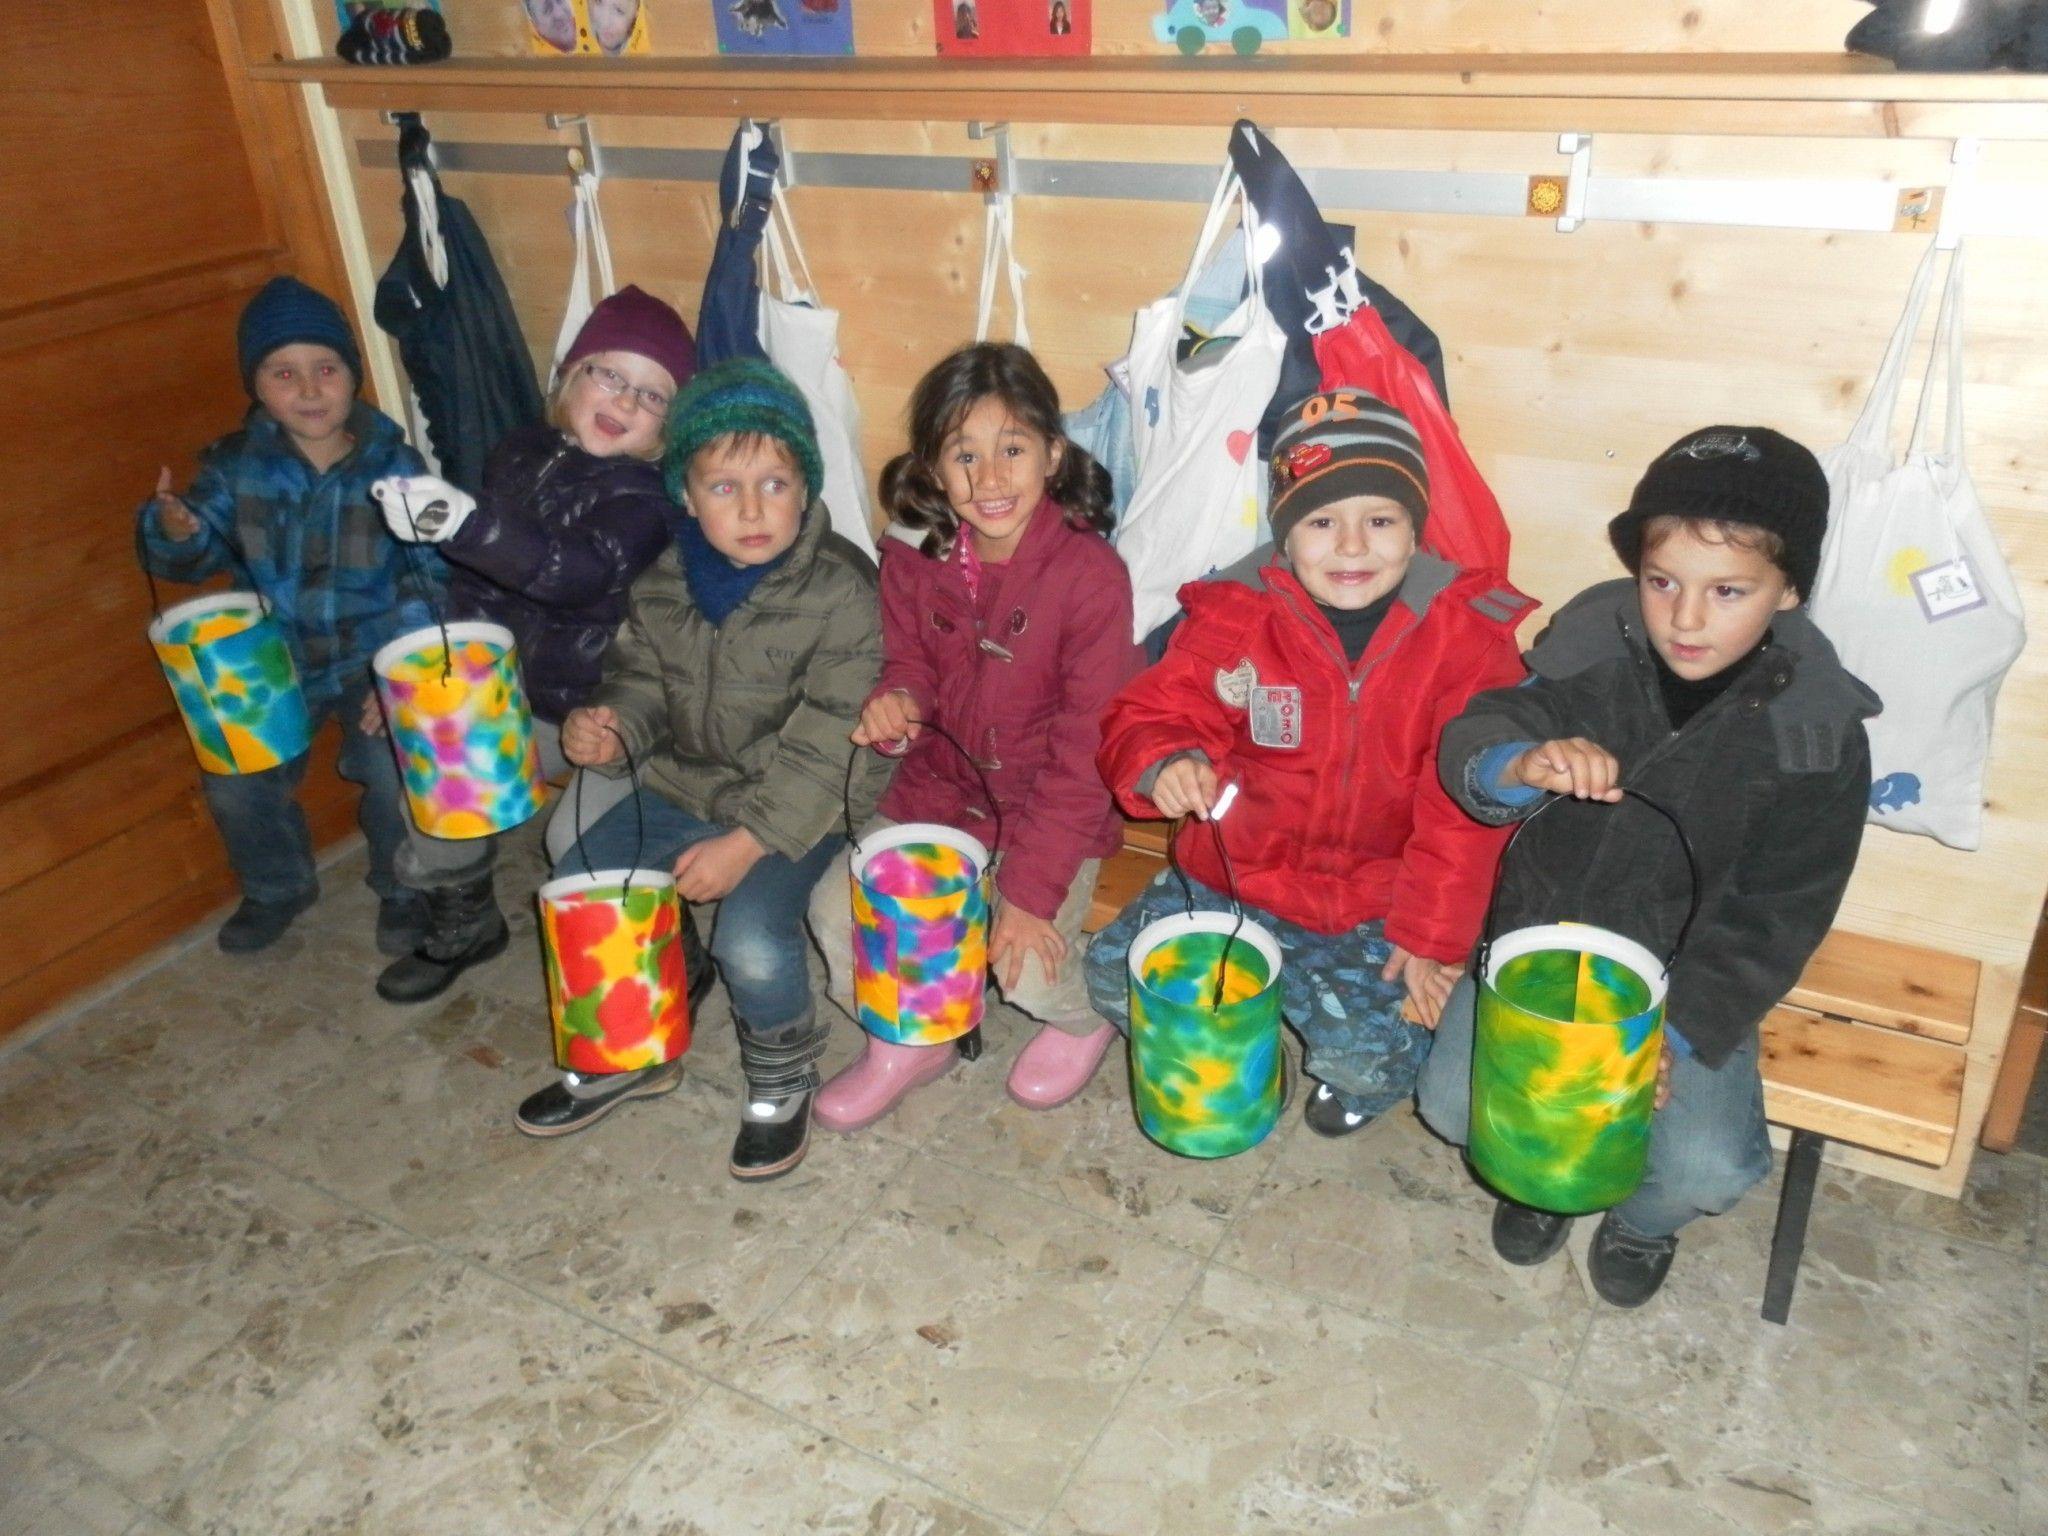 Gelungenes Laternenfest zu Ehren des Heiligen Martin am 9. November 2012 im Kindi Runa.